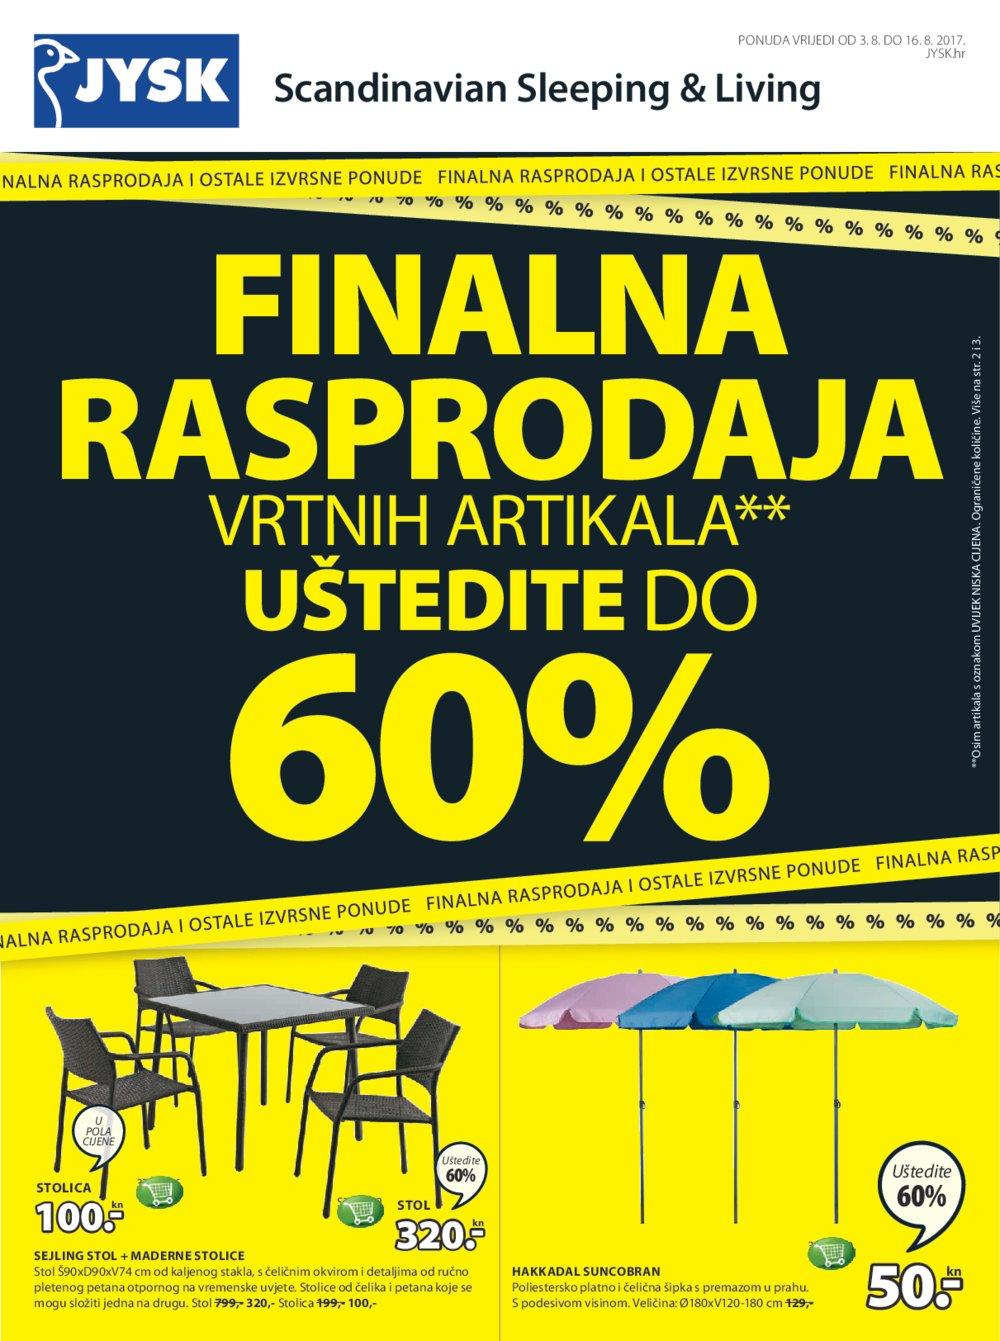 Jysk katalog Finalna rasprodaja vrtnih artikala od 03.08. do 16.08.2017.